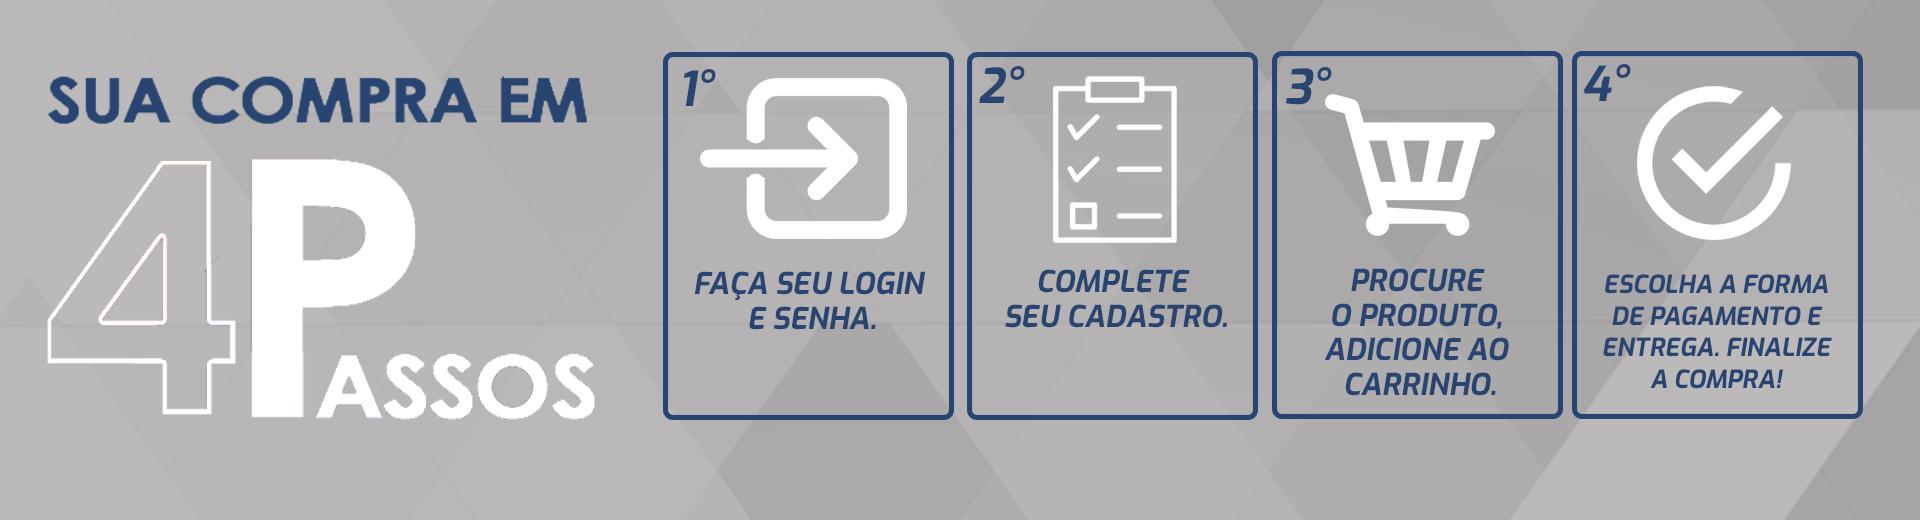 banner meio 2 4 passos